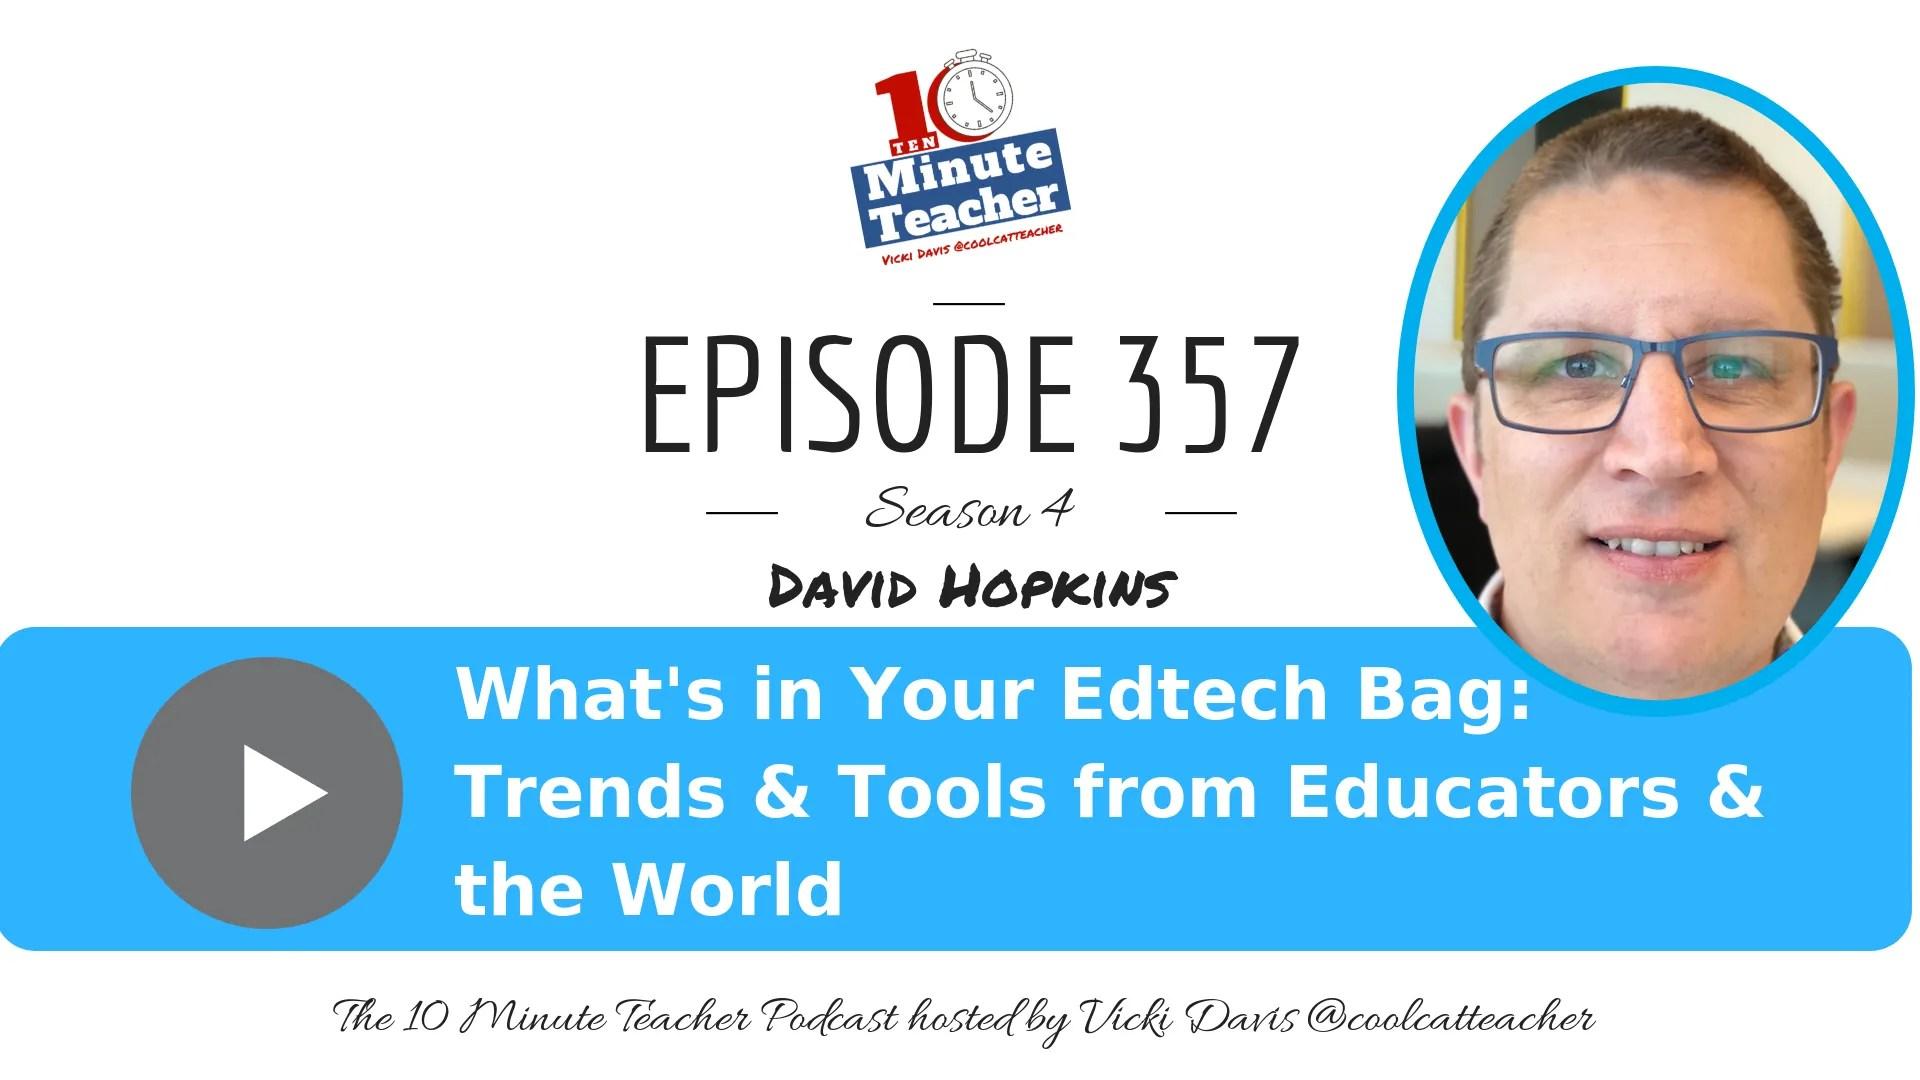 David Hopkins Trends and Tools